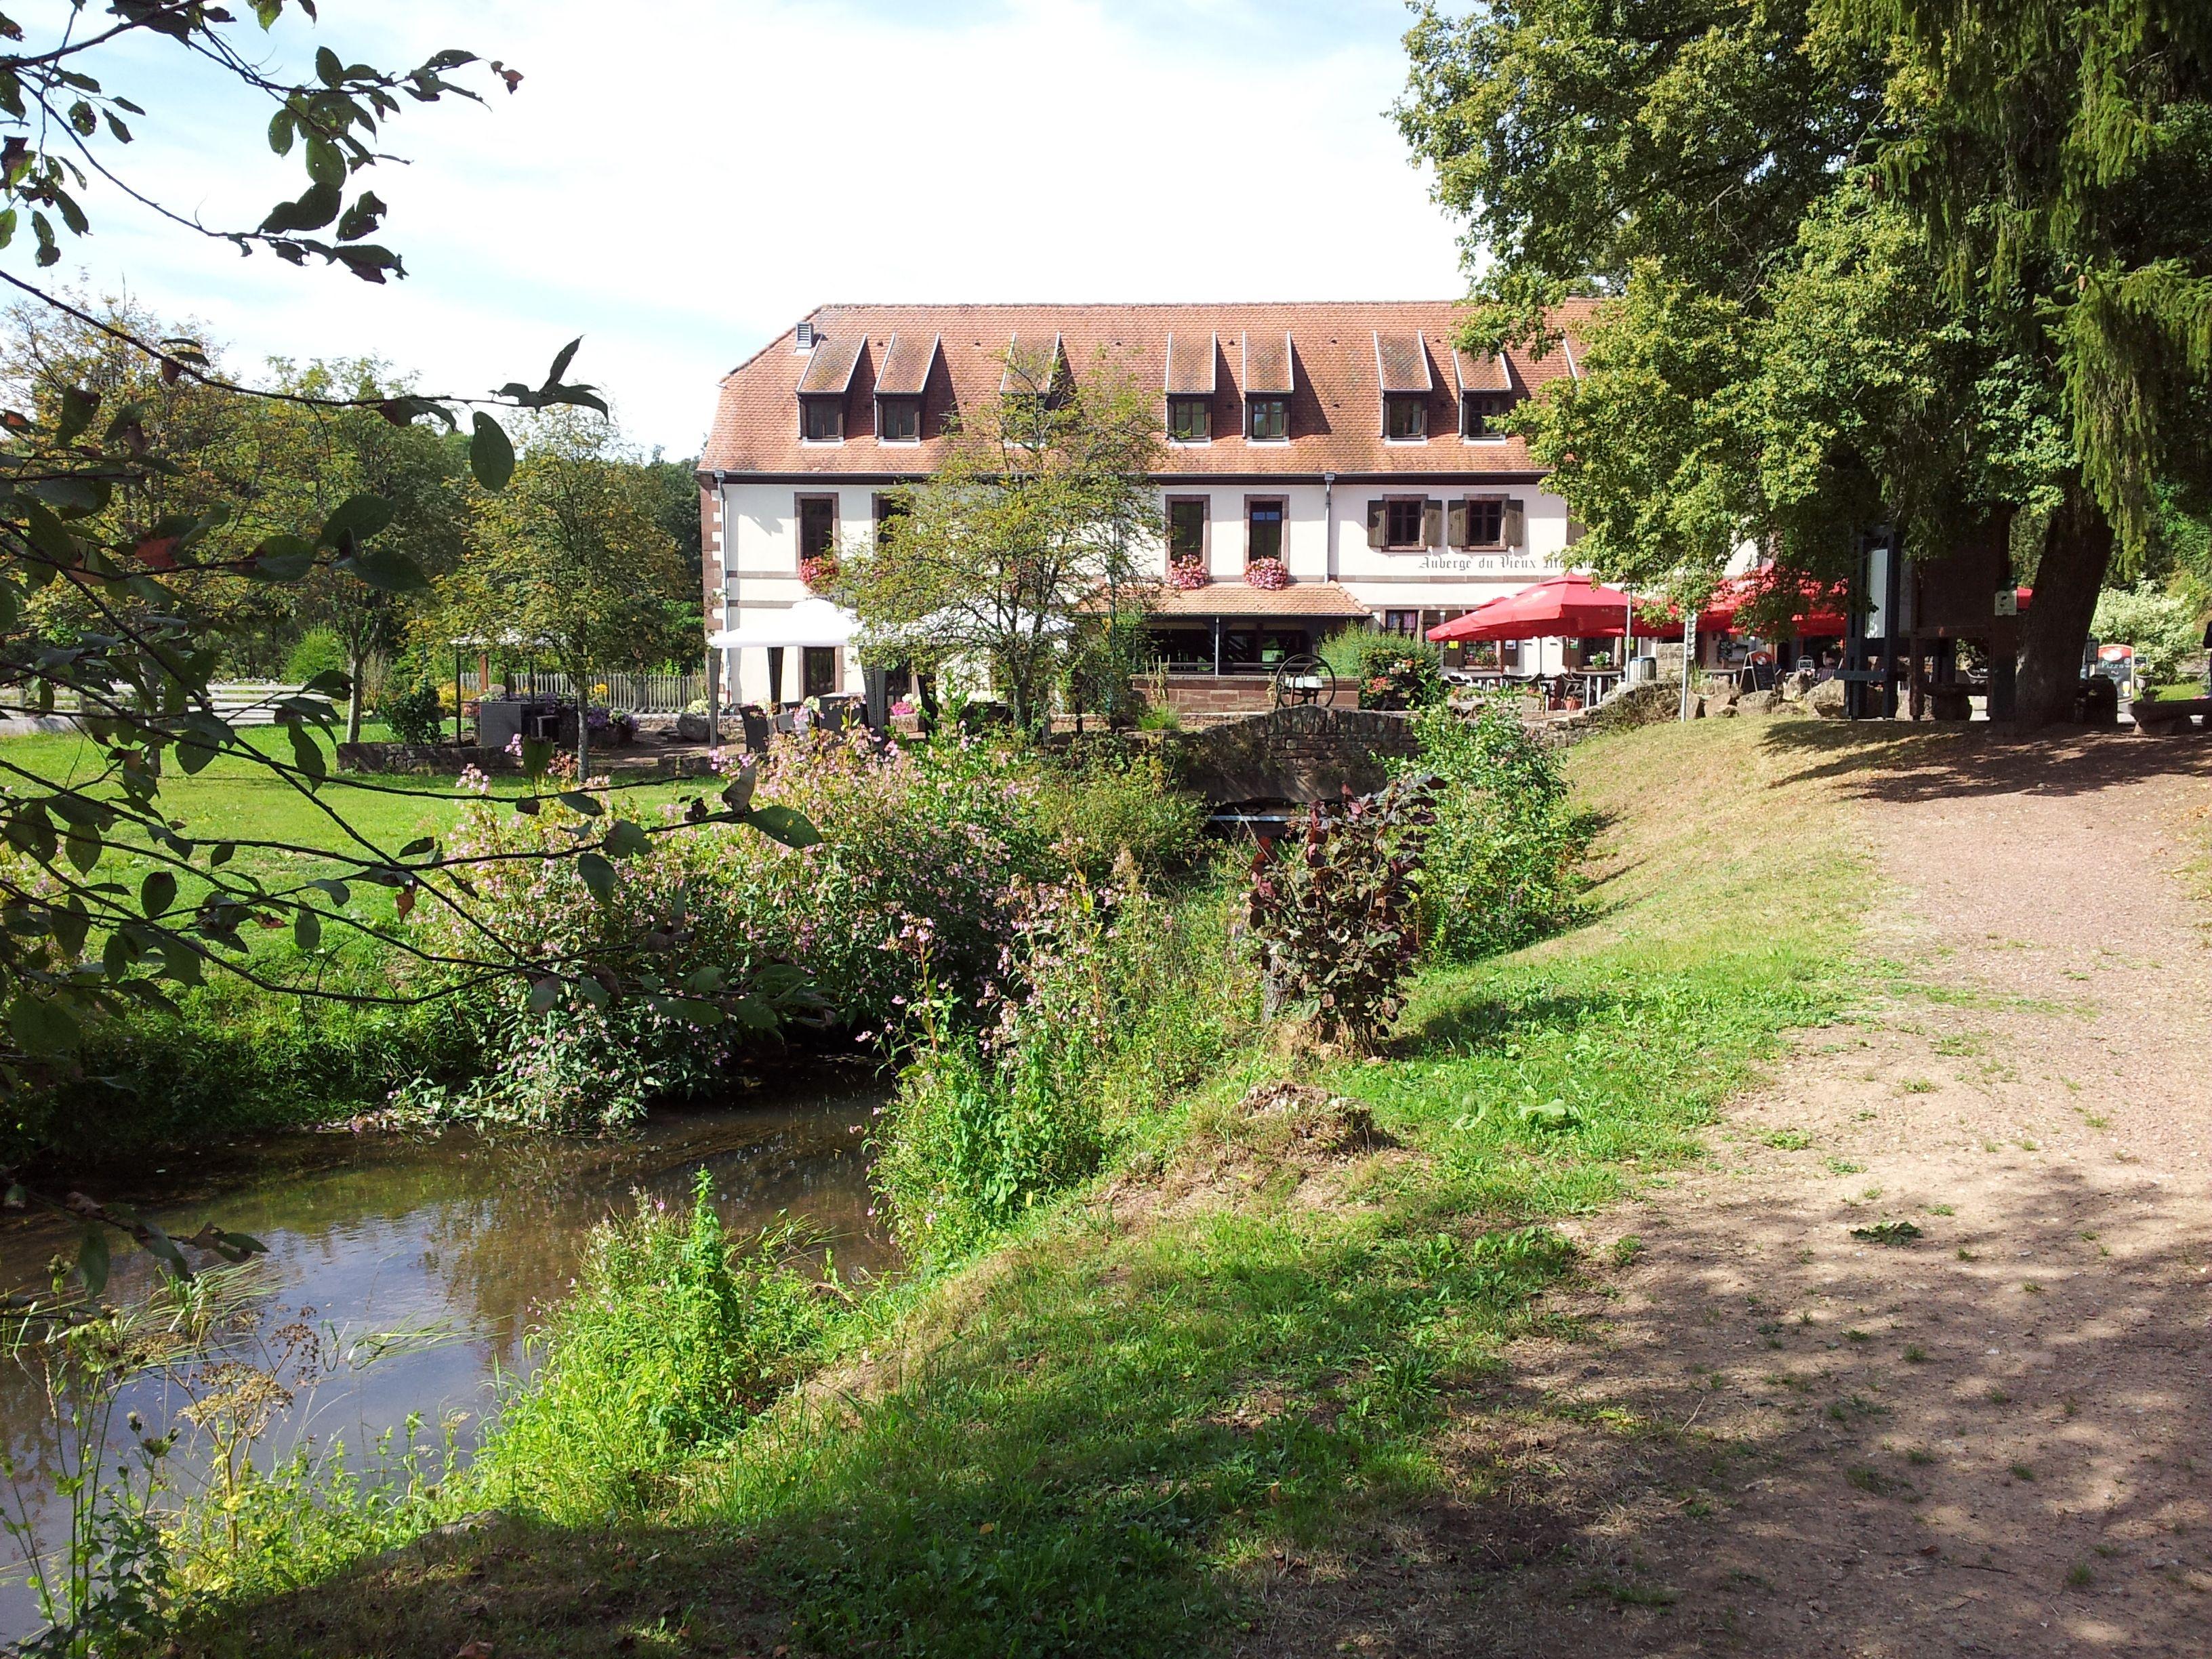 Moulin d`Eschviller. Wandern Sie entspannt vom Kloster Hornbach in die idyllische Moulin d´Eschviller.